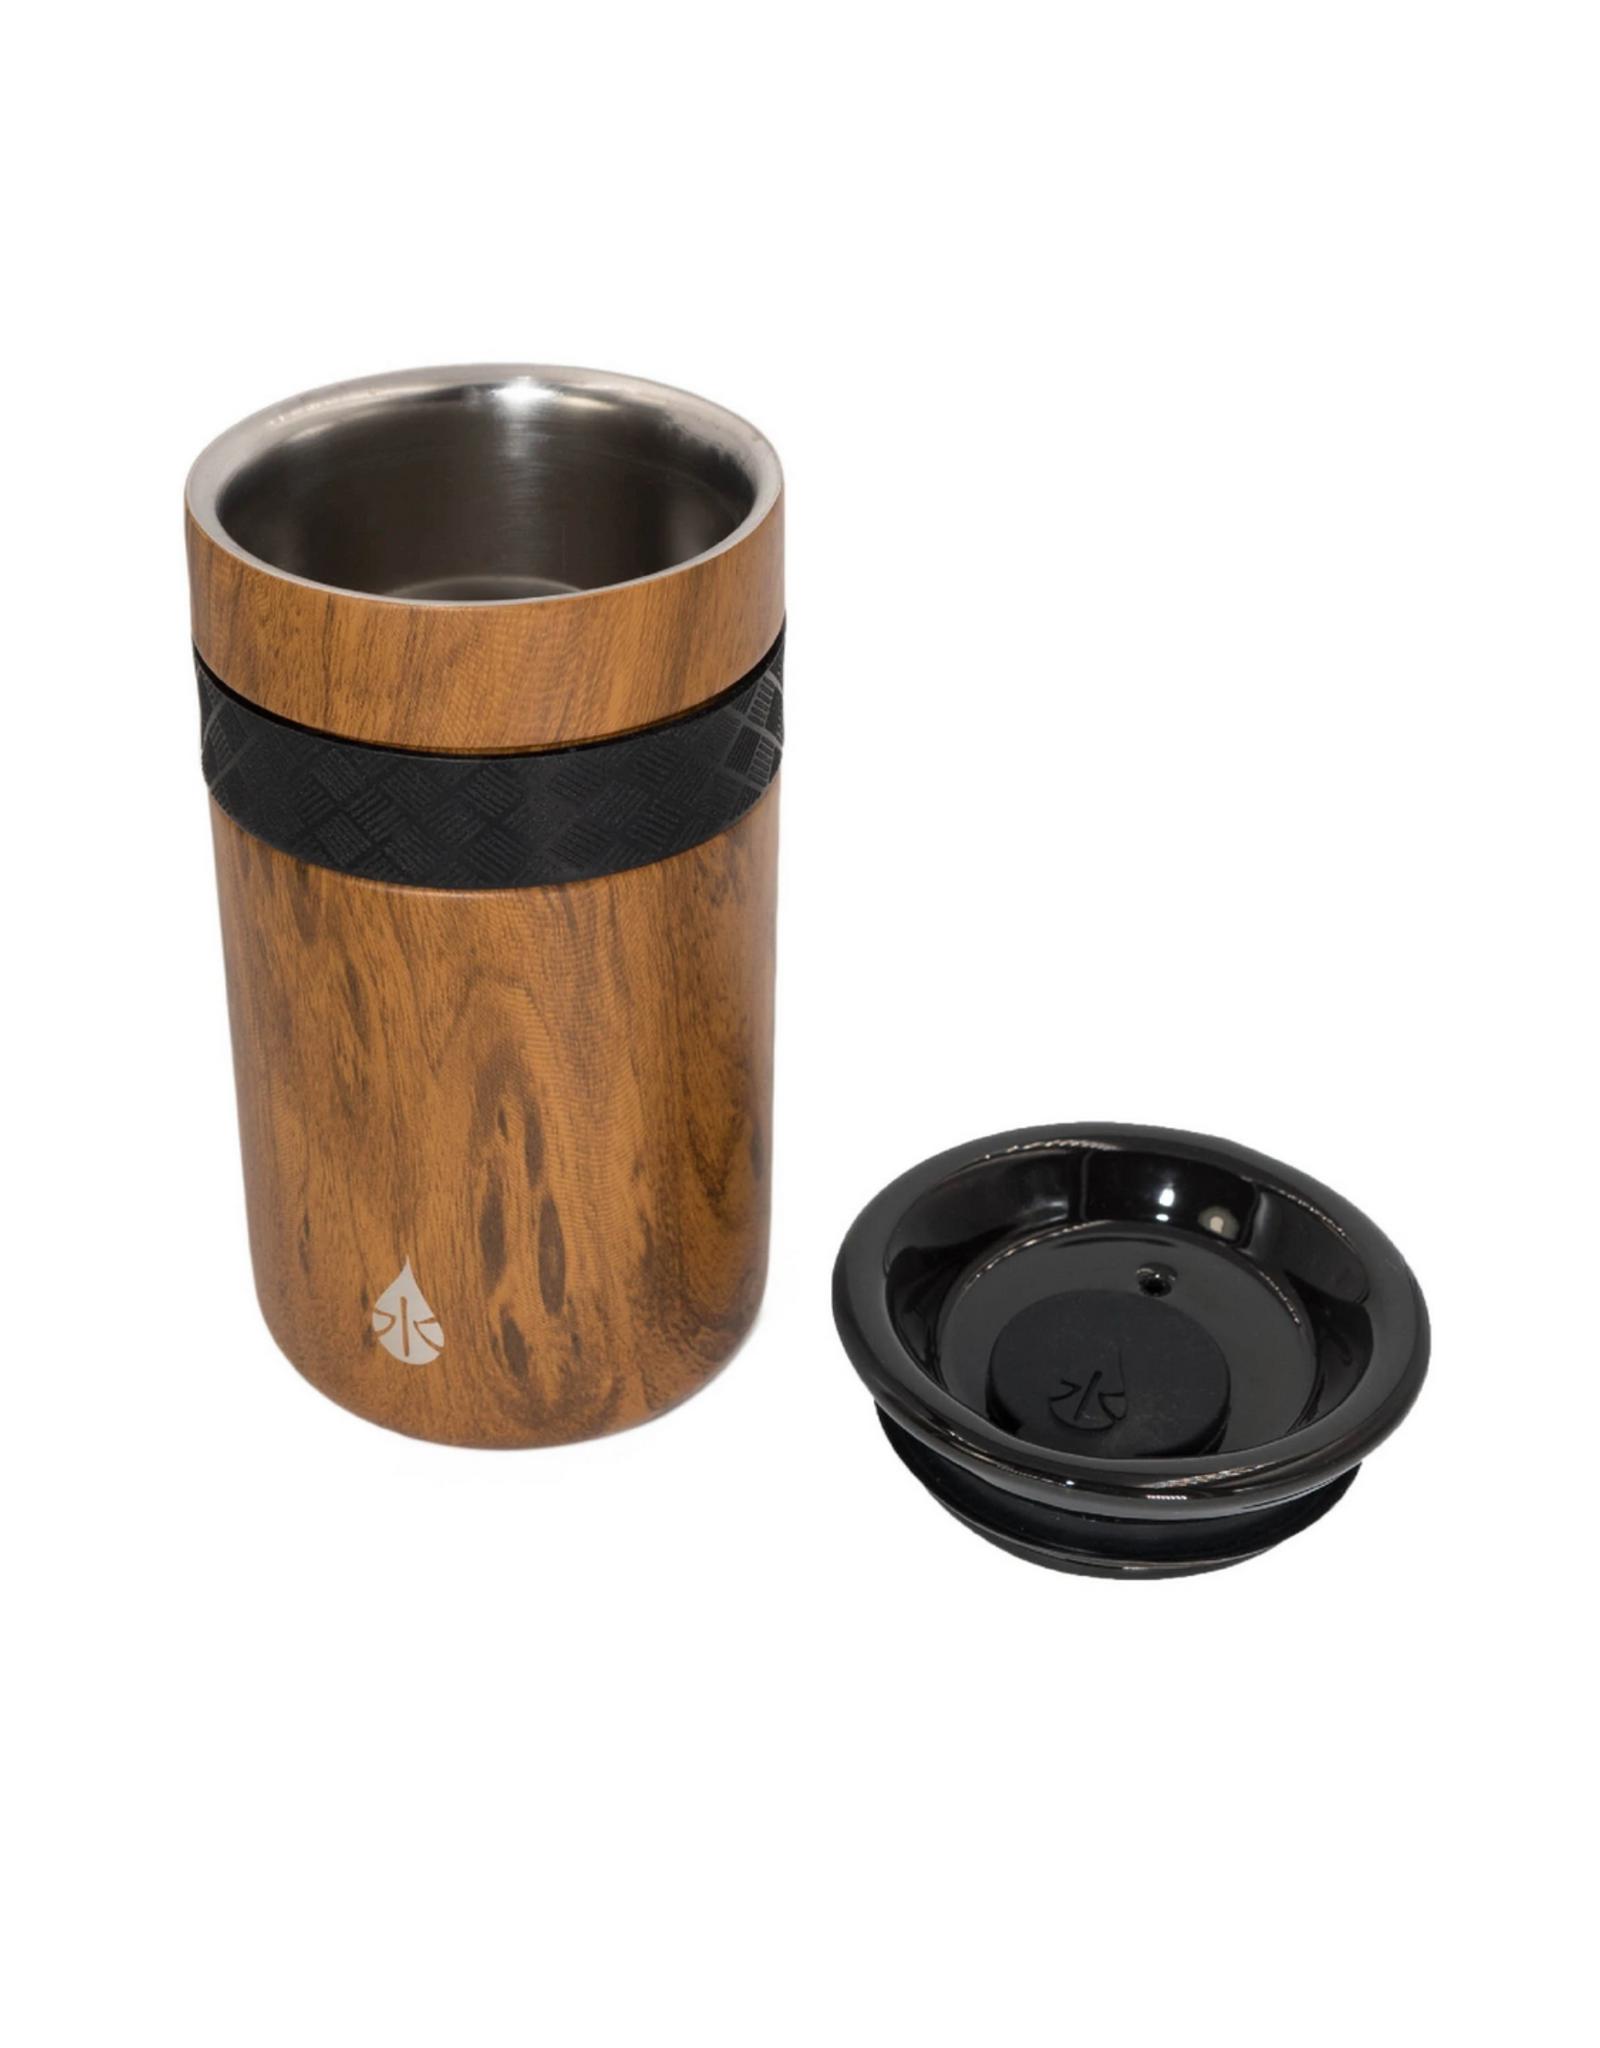 Teak Wood Tumbler - 12 oz